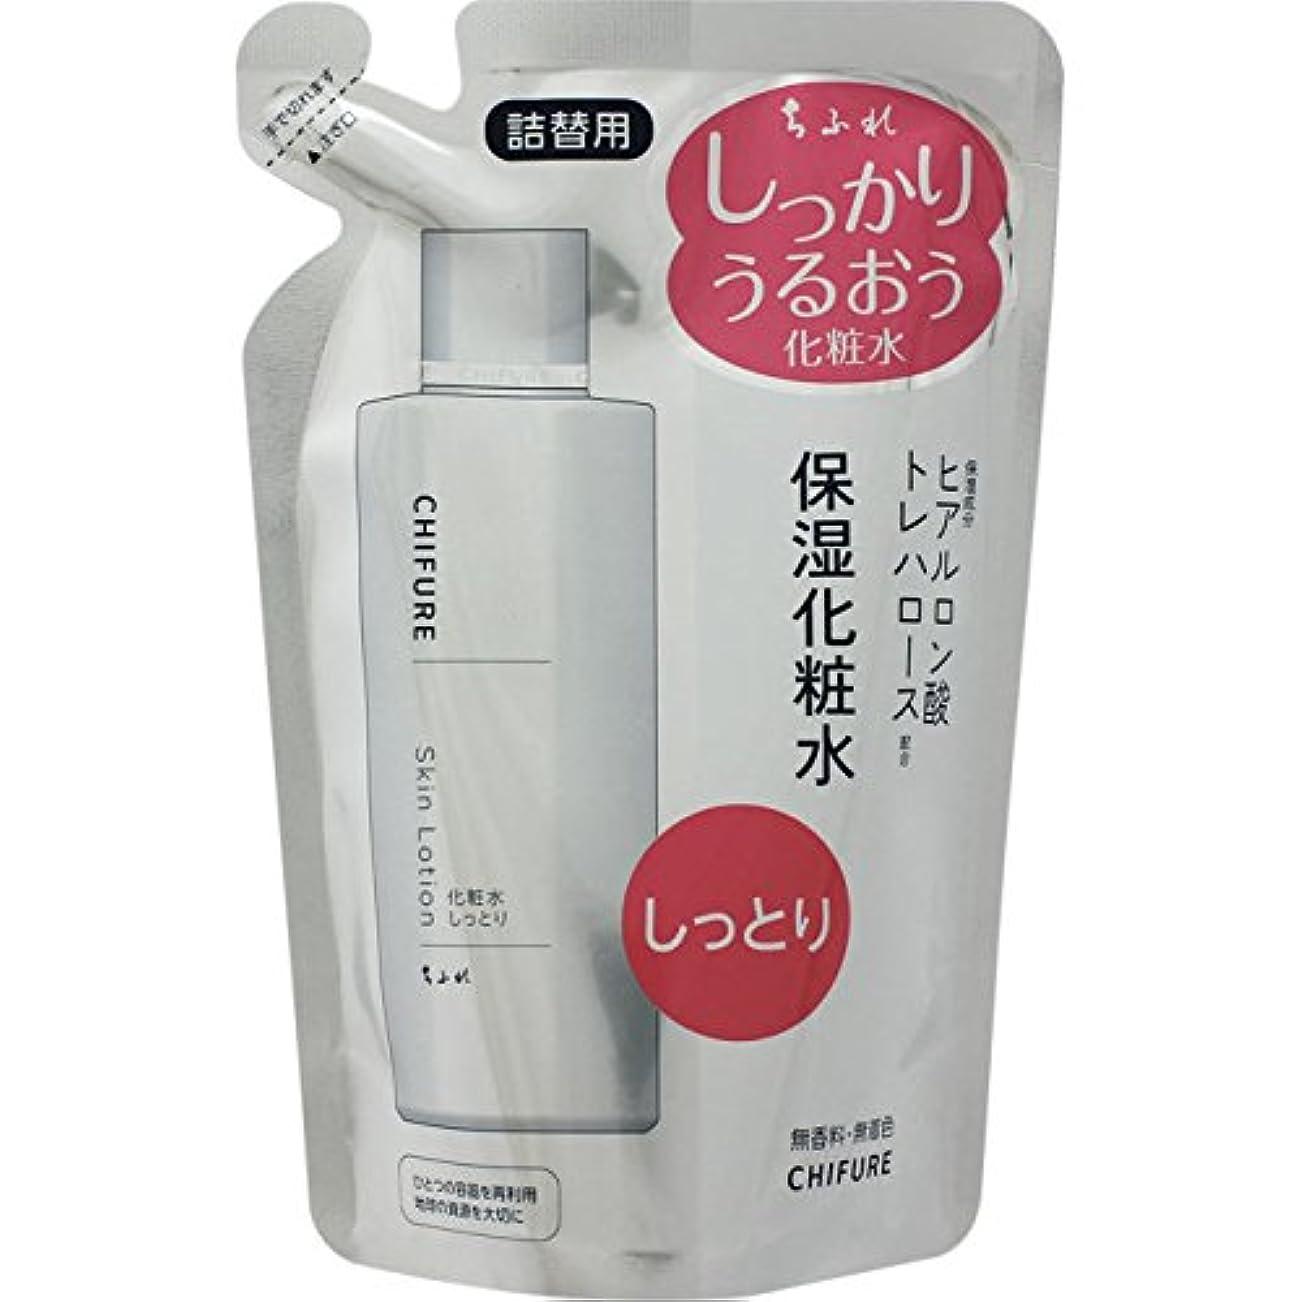 メニューエッセイ内なるちふれ化粧品 化粧水 しっとりタイプ N 詰替え用 150ml 150ML